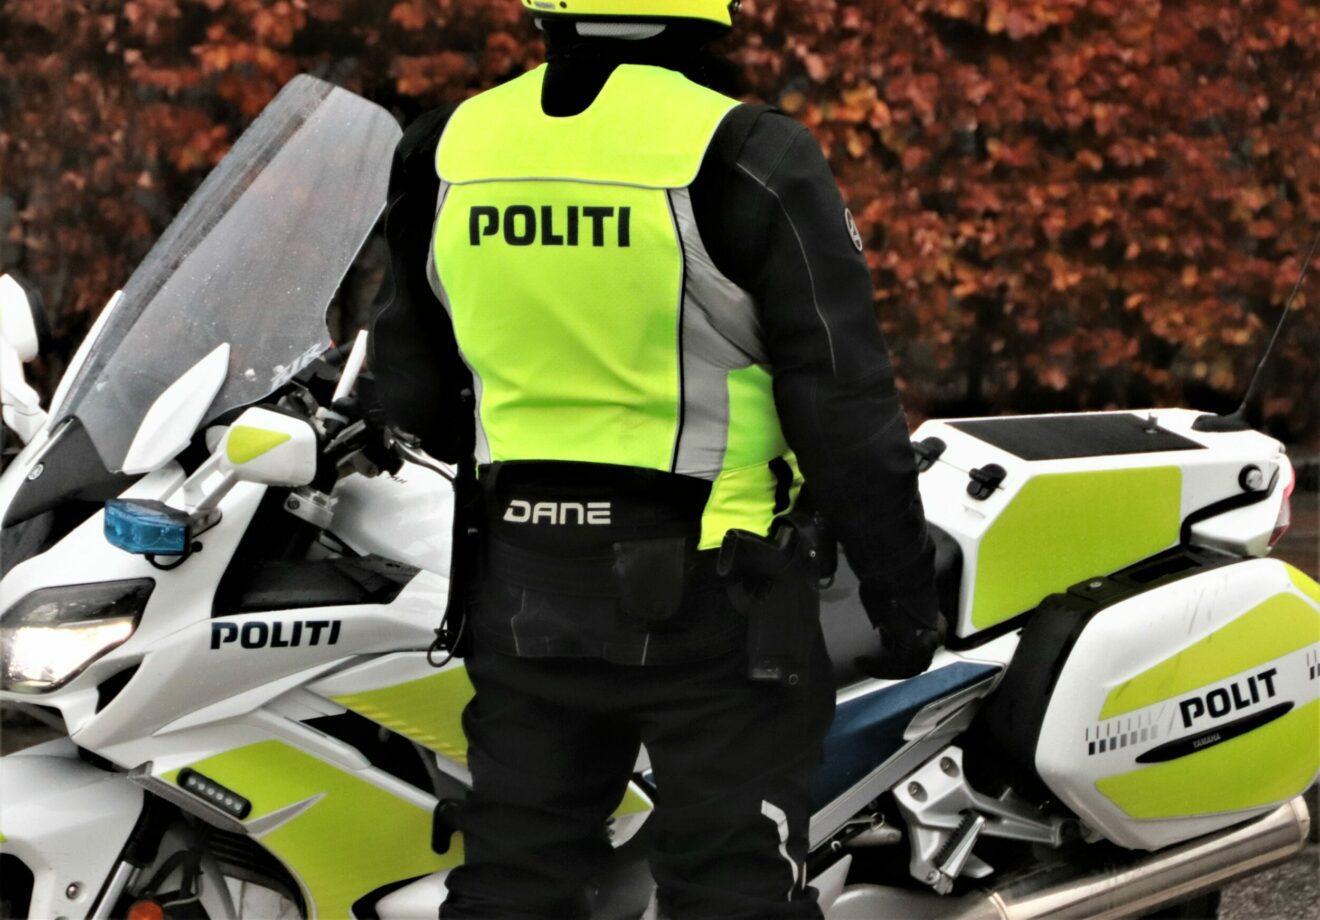 Politiet gennemfører hastighedskontrol i uge 41